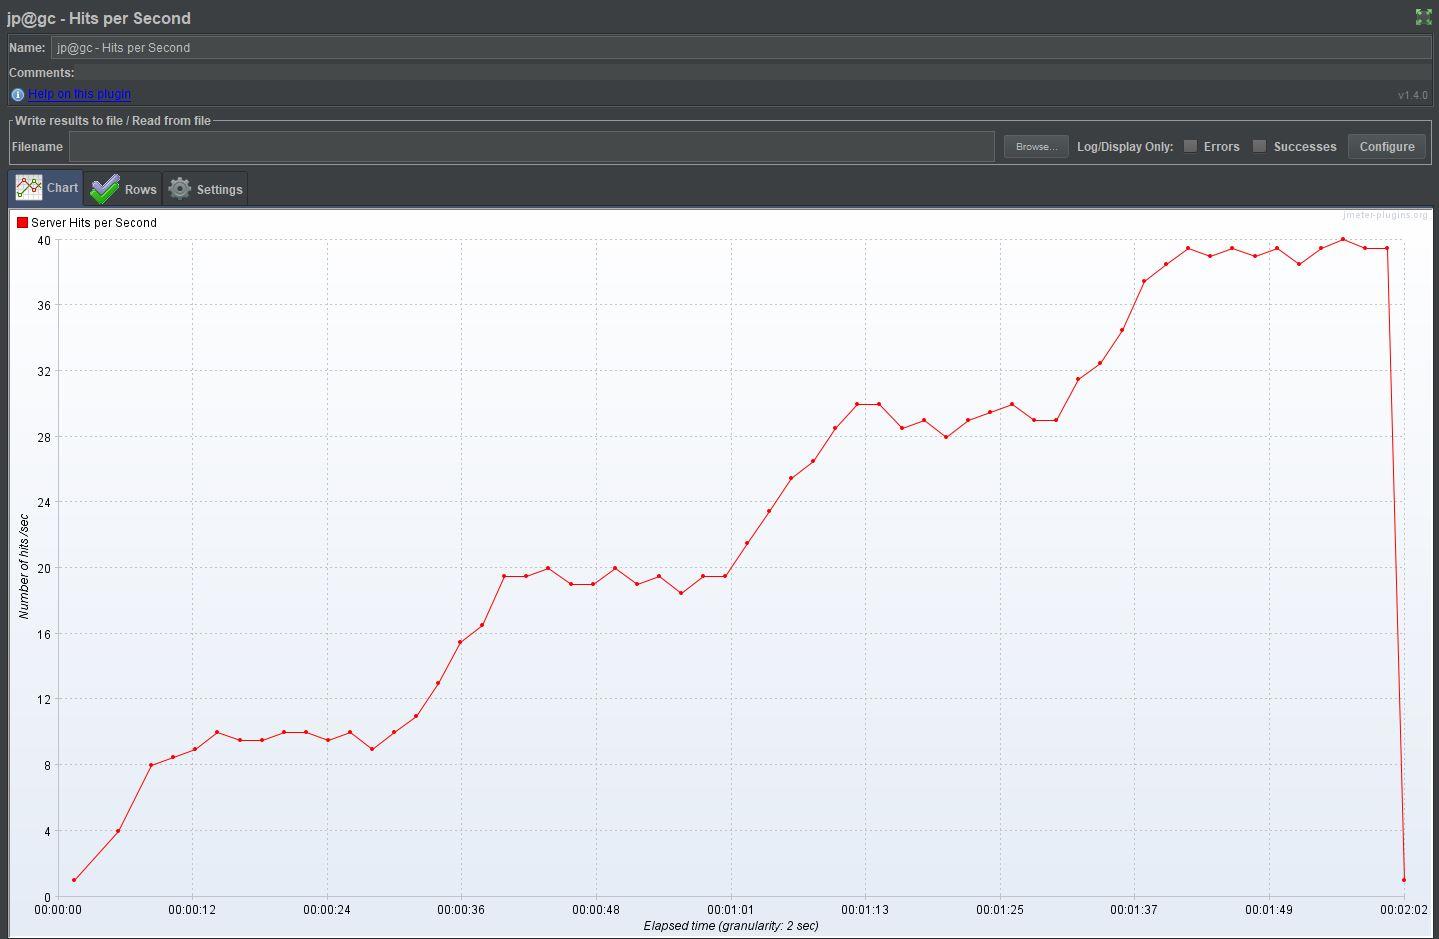 hits per second graph